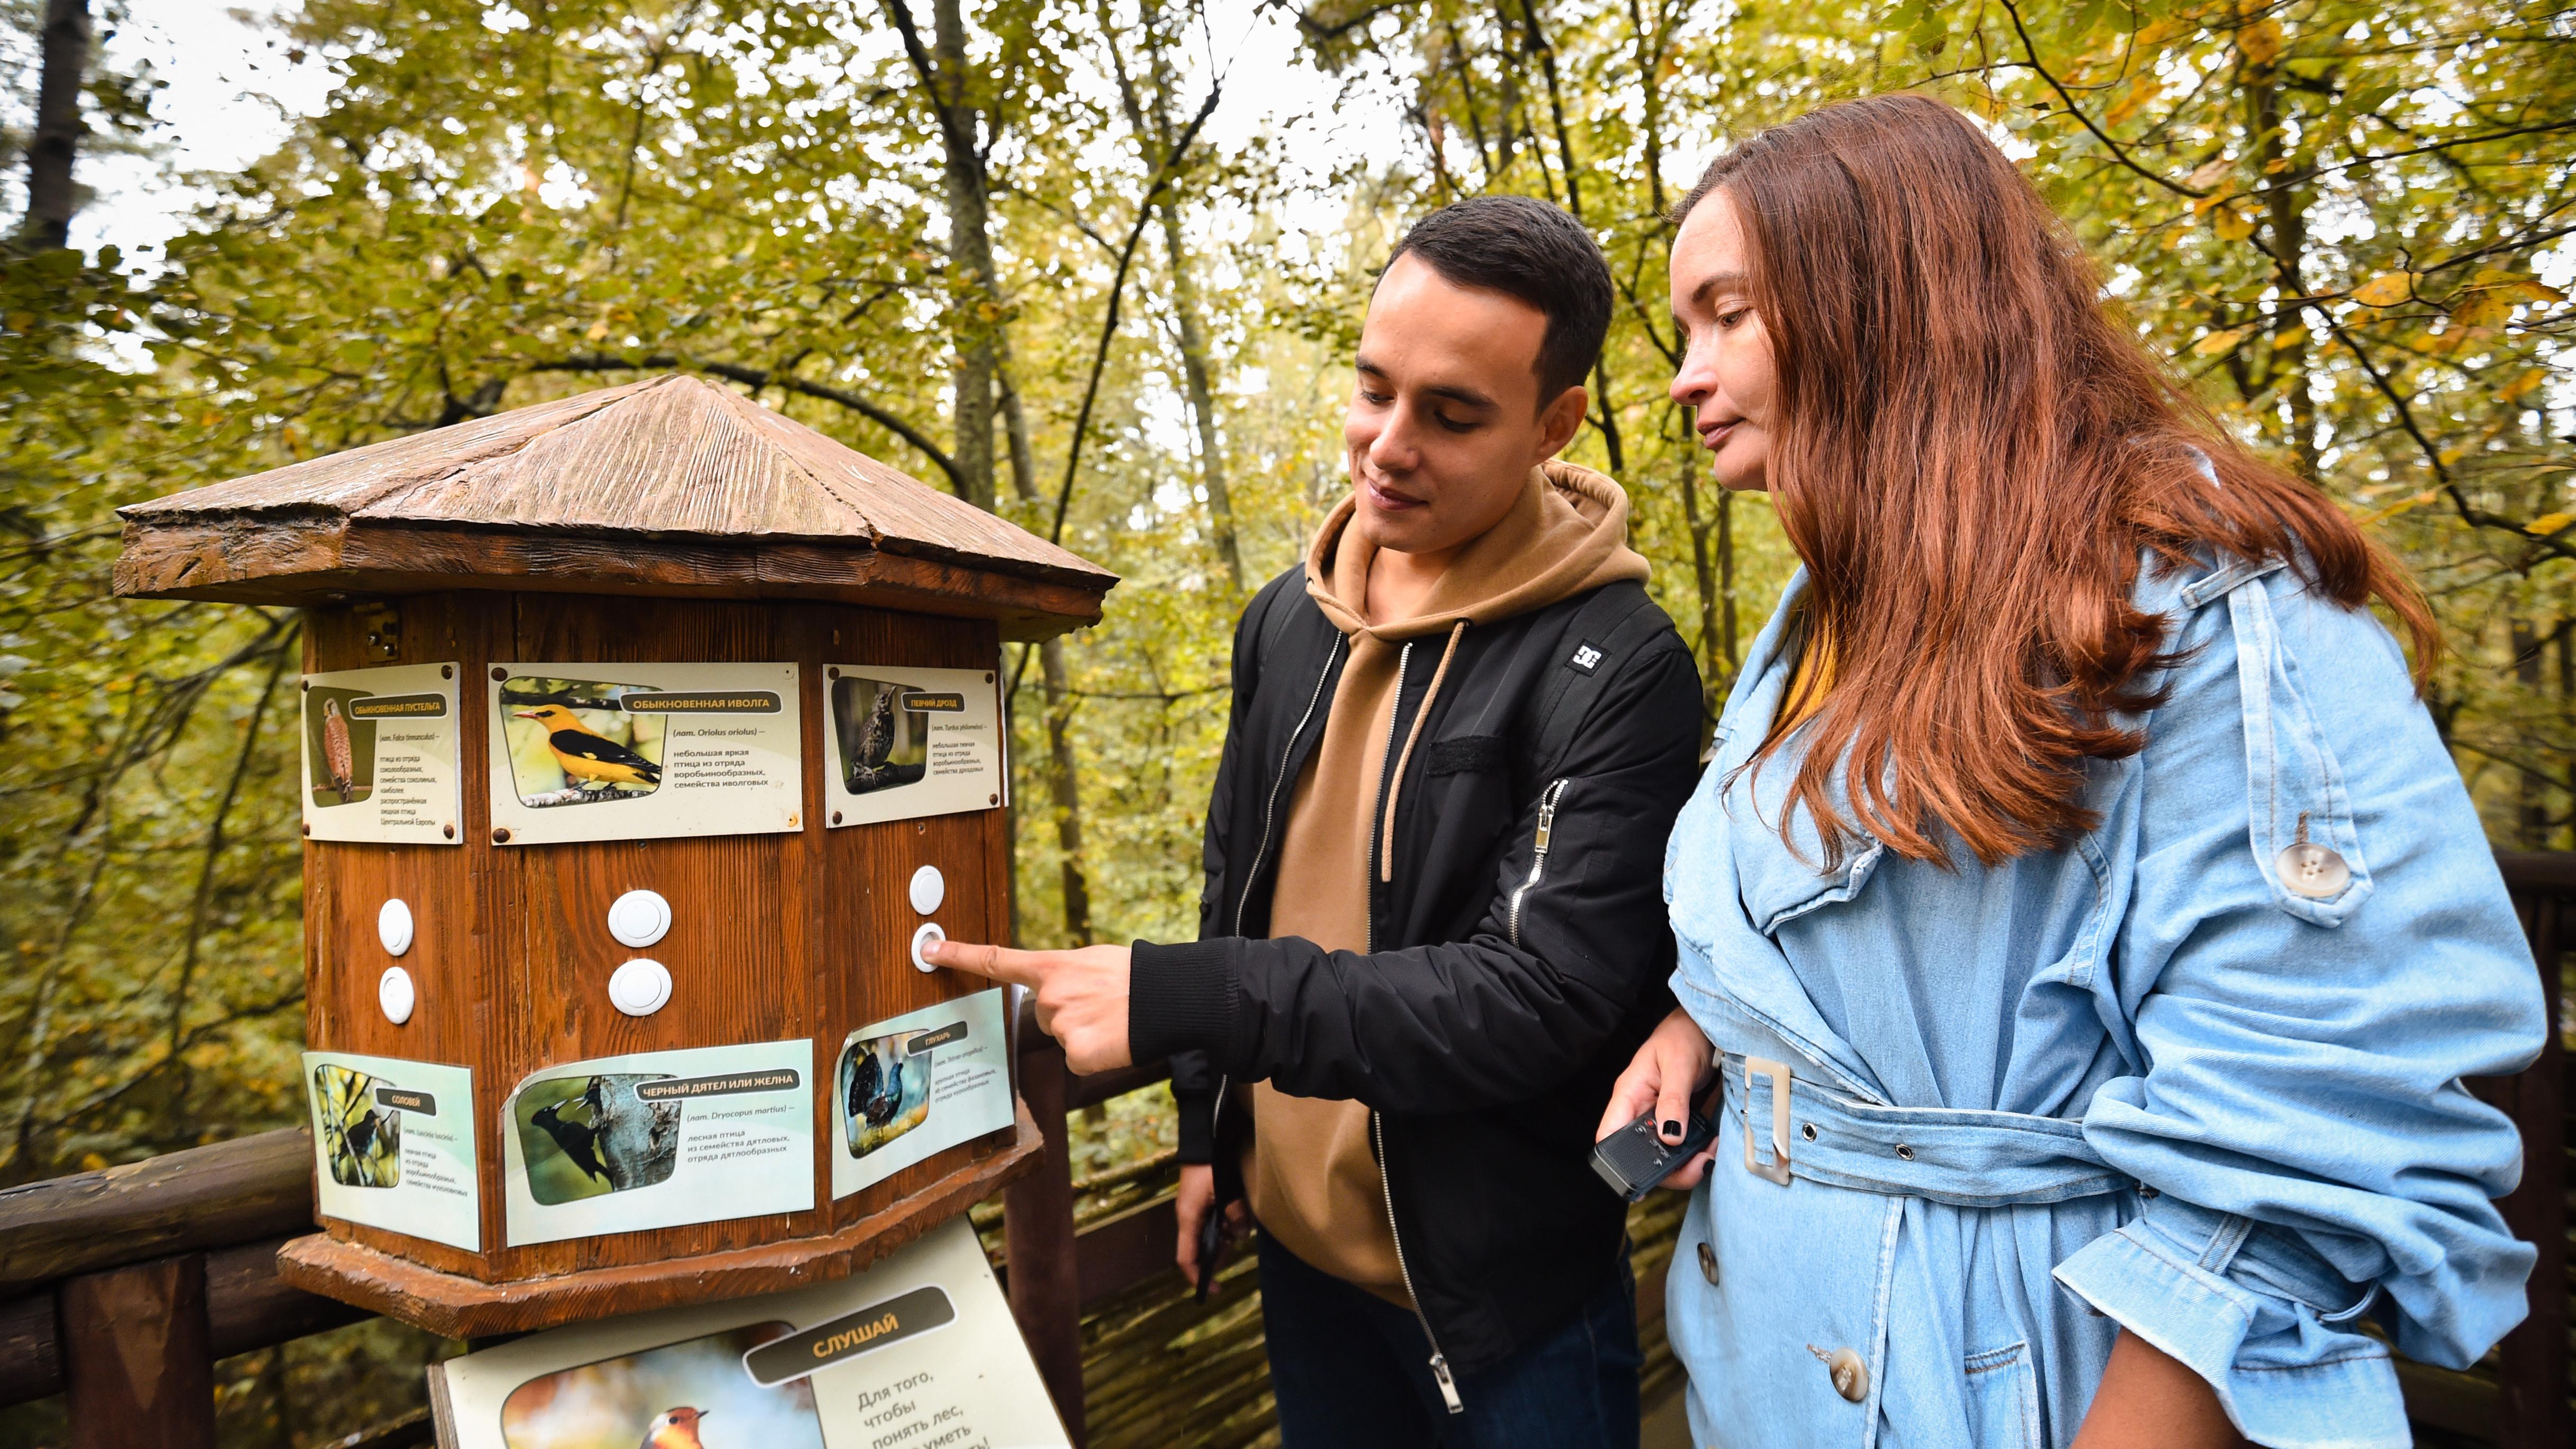 Великаны леса: подкаст «Путь-дорога» рассказывает о жизни зубров в Подмосковье